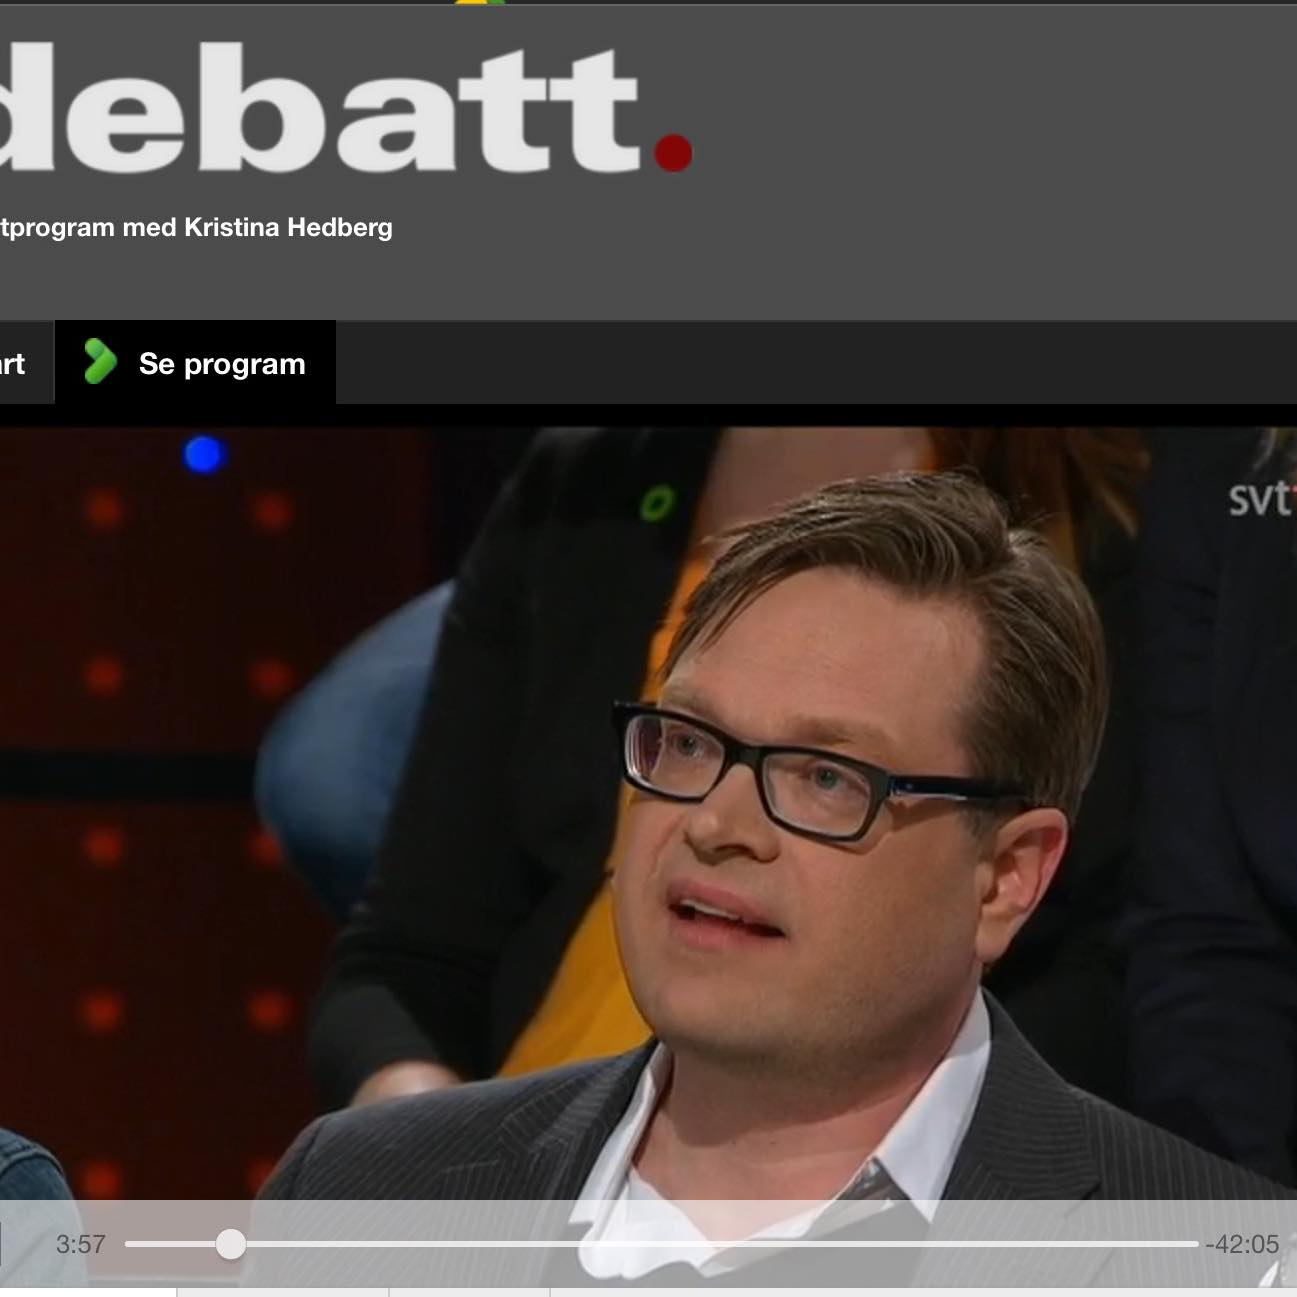 Nätdejting debatt svt